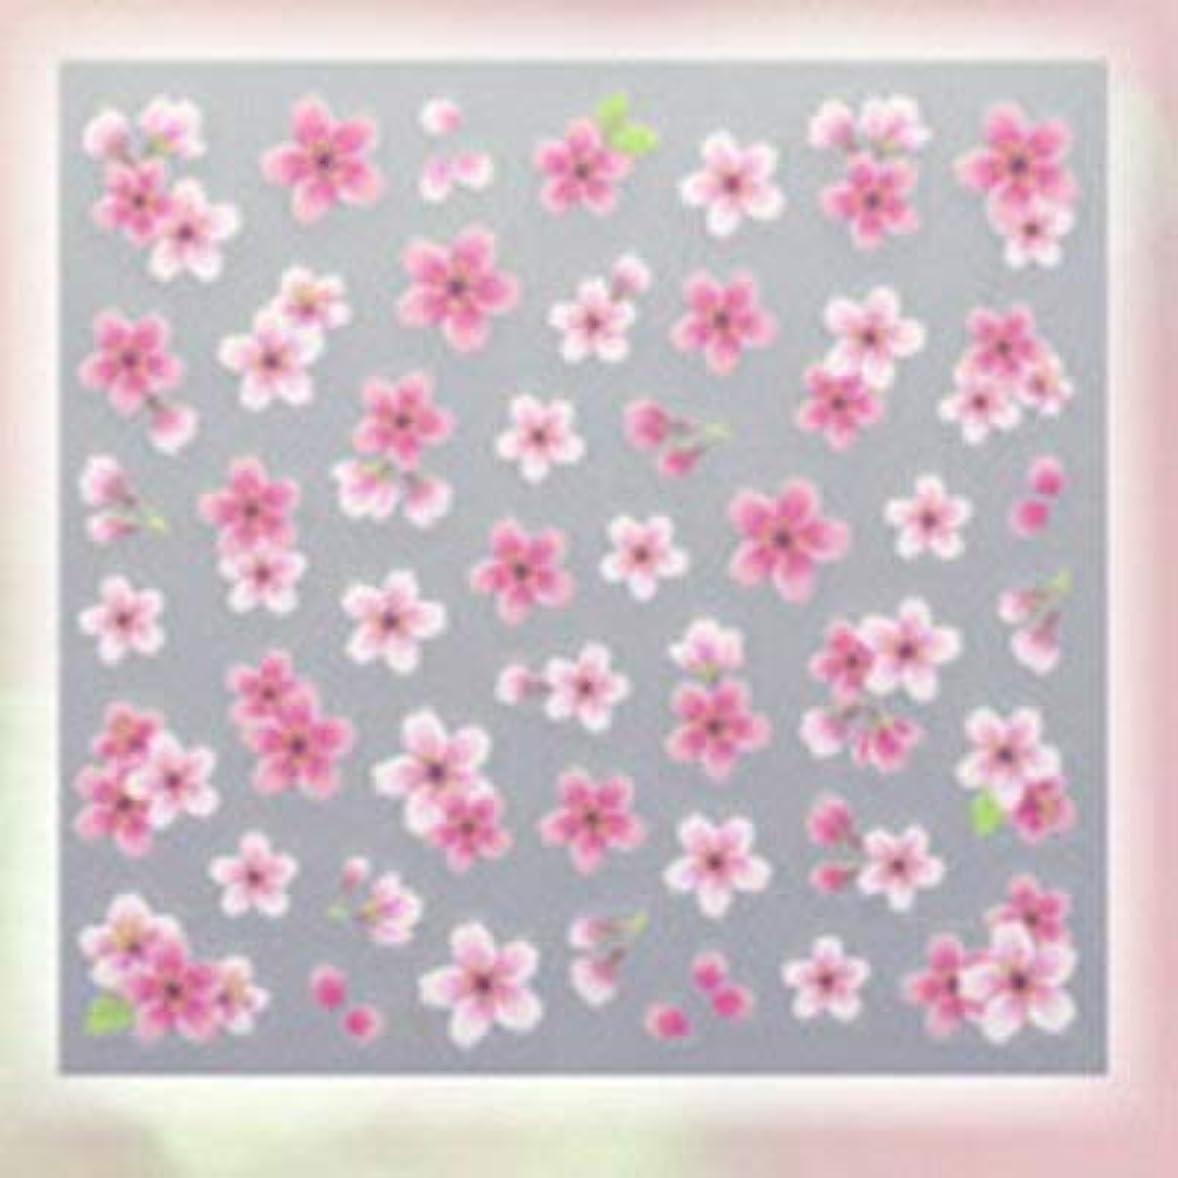 親指アソシエイトブリーフケースSHAREYDVA ネイルシール 桜 ピンク